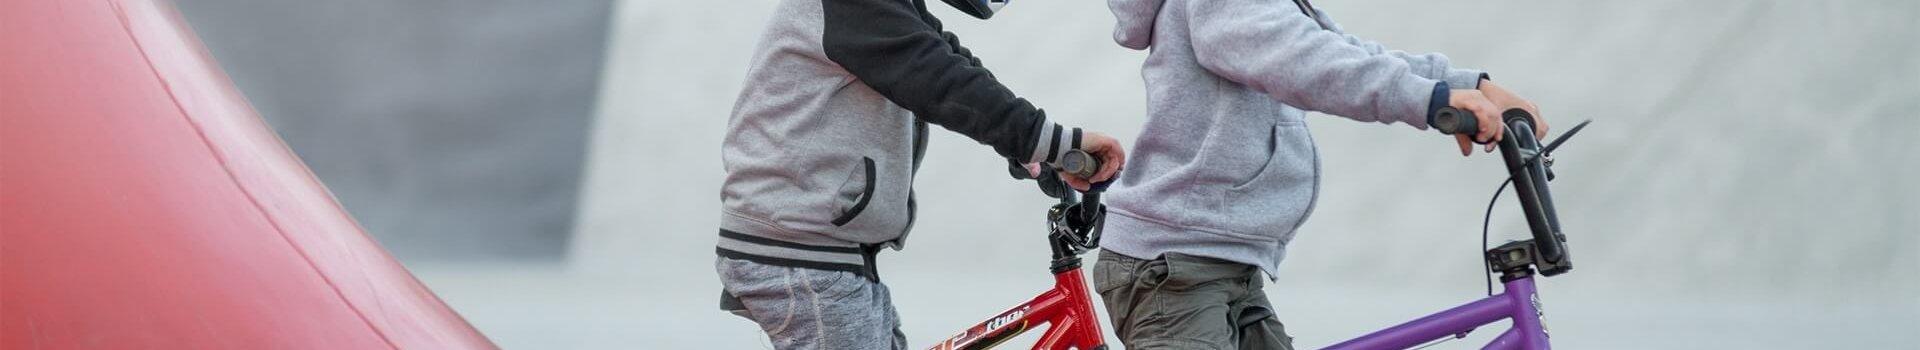 BikeSalon poleca- kaski rowerowe dla dzieci